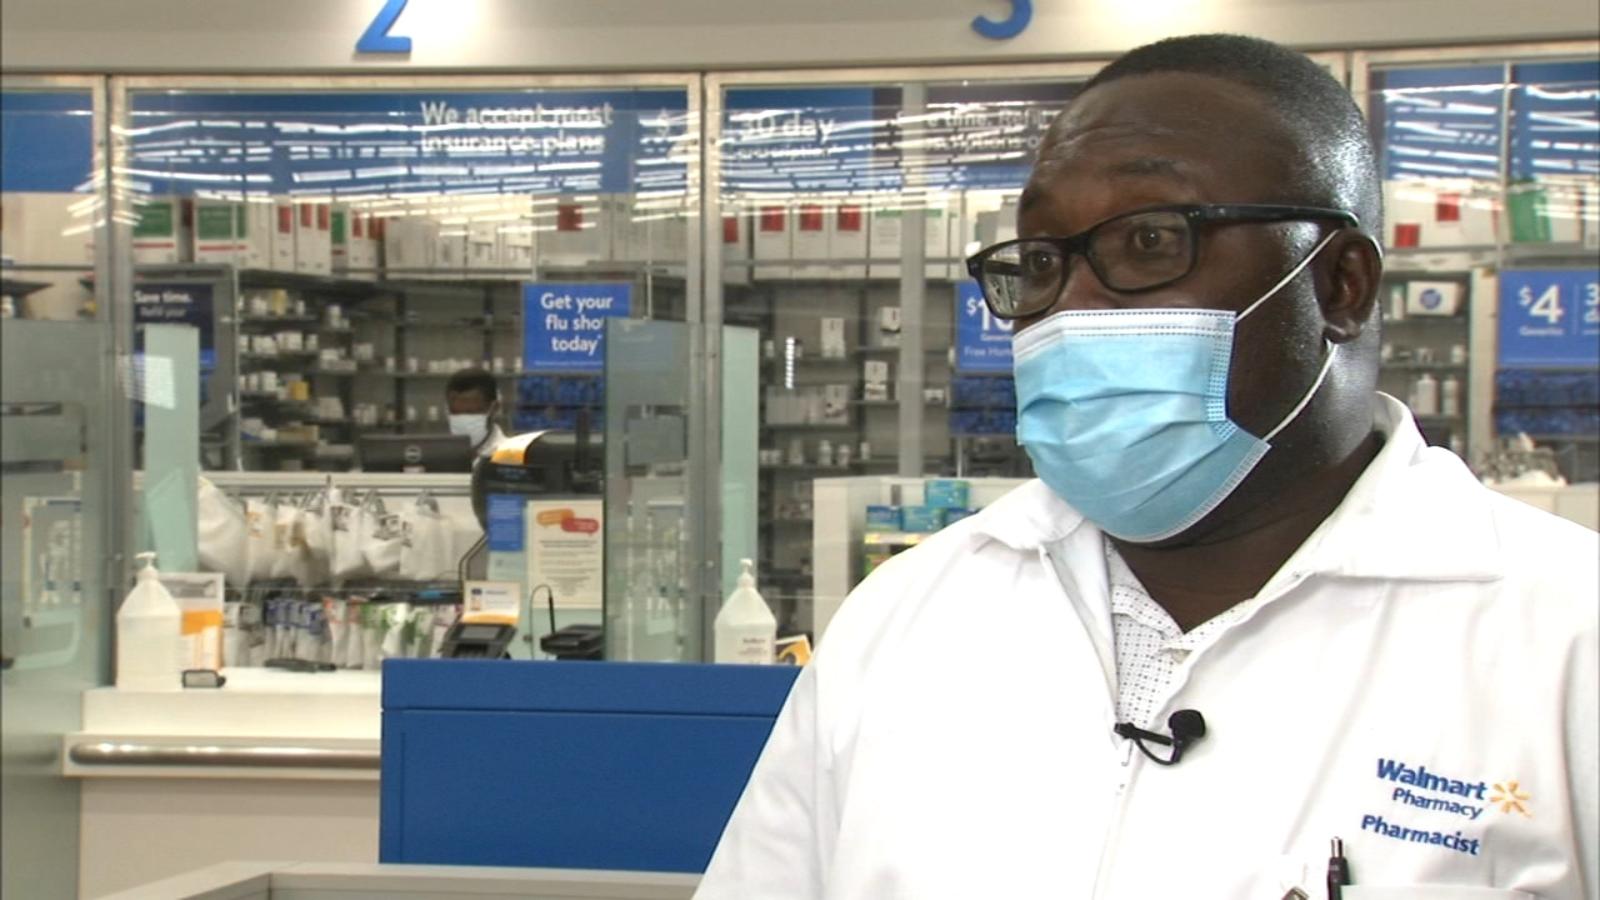 Chicago Walmart pharmacist brings life-saving meds to high-risk seniors during pandemic